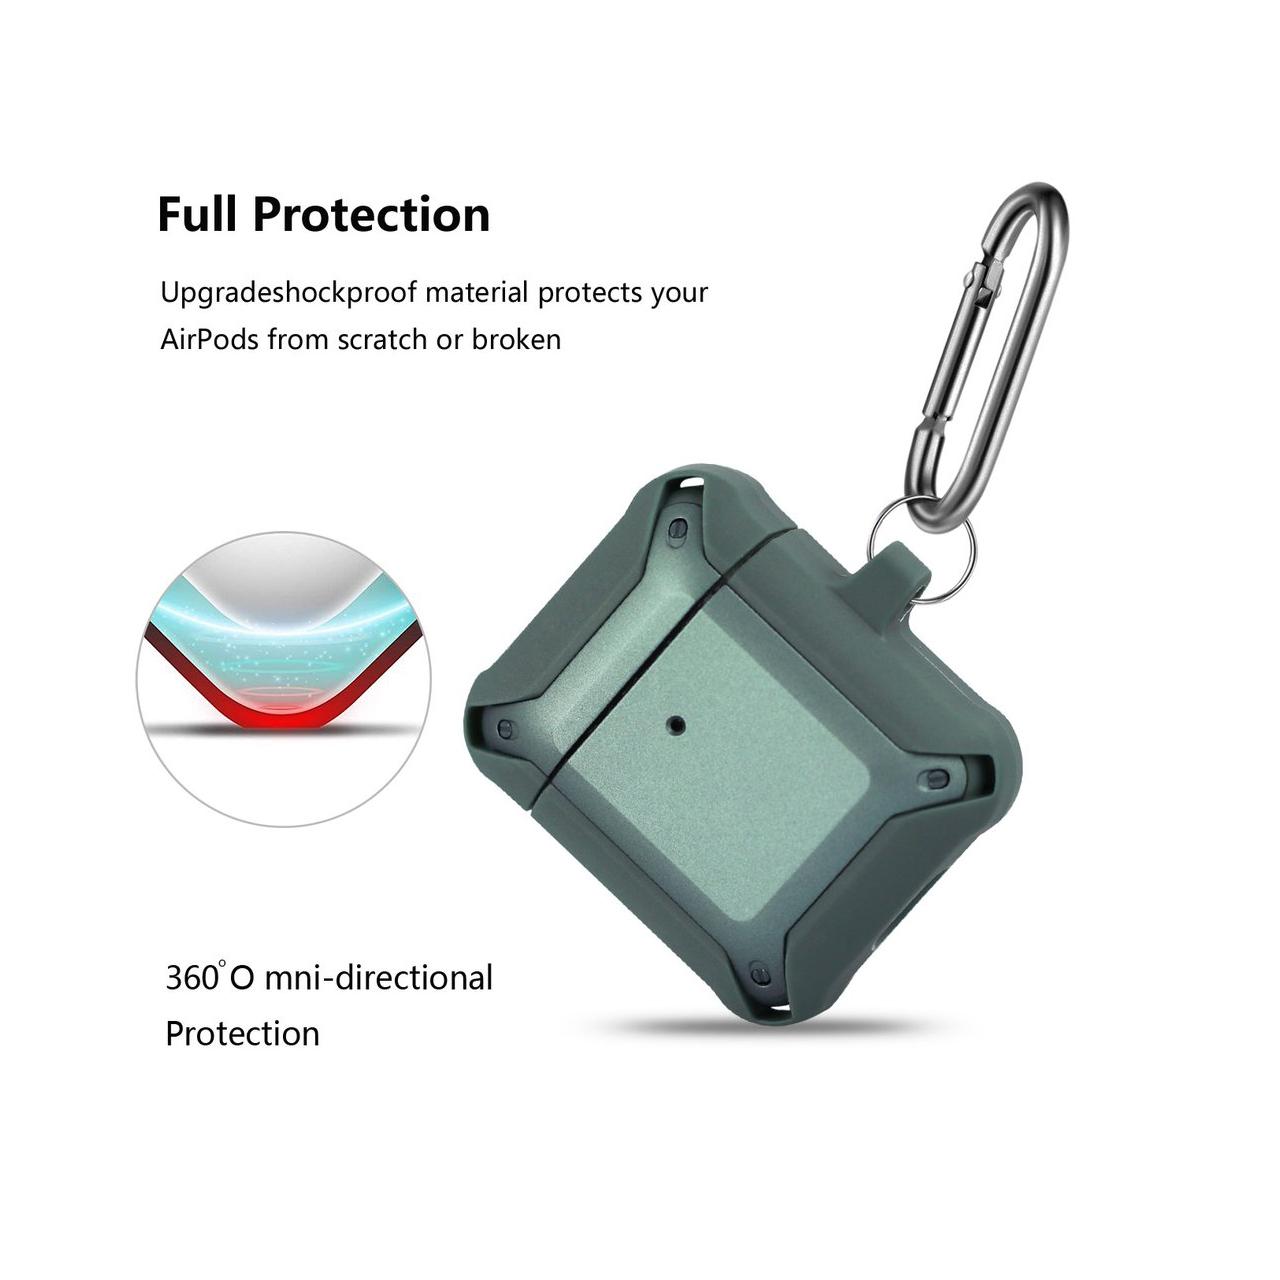 کاور اگ شل مدل E88SH3l1 مناسب برای کیس اپل ایرپاد 1/2              ( قیمت و خرید)